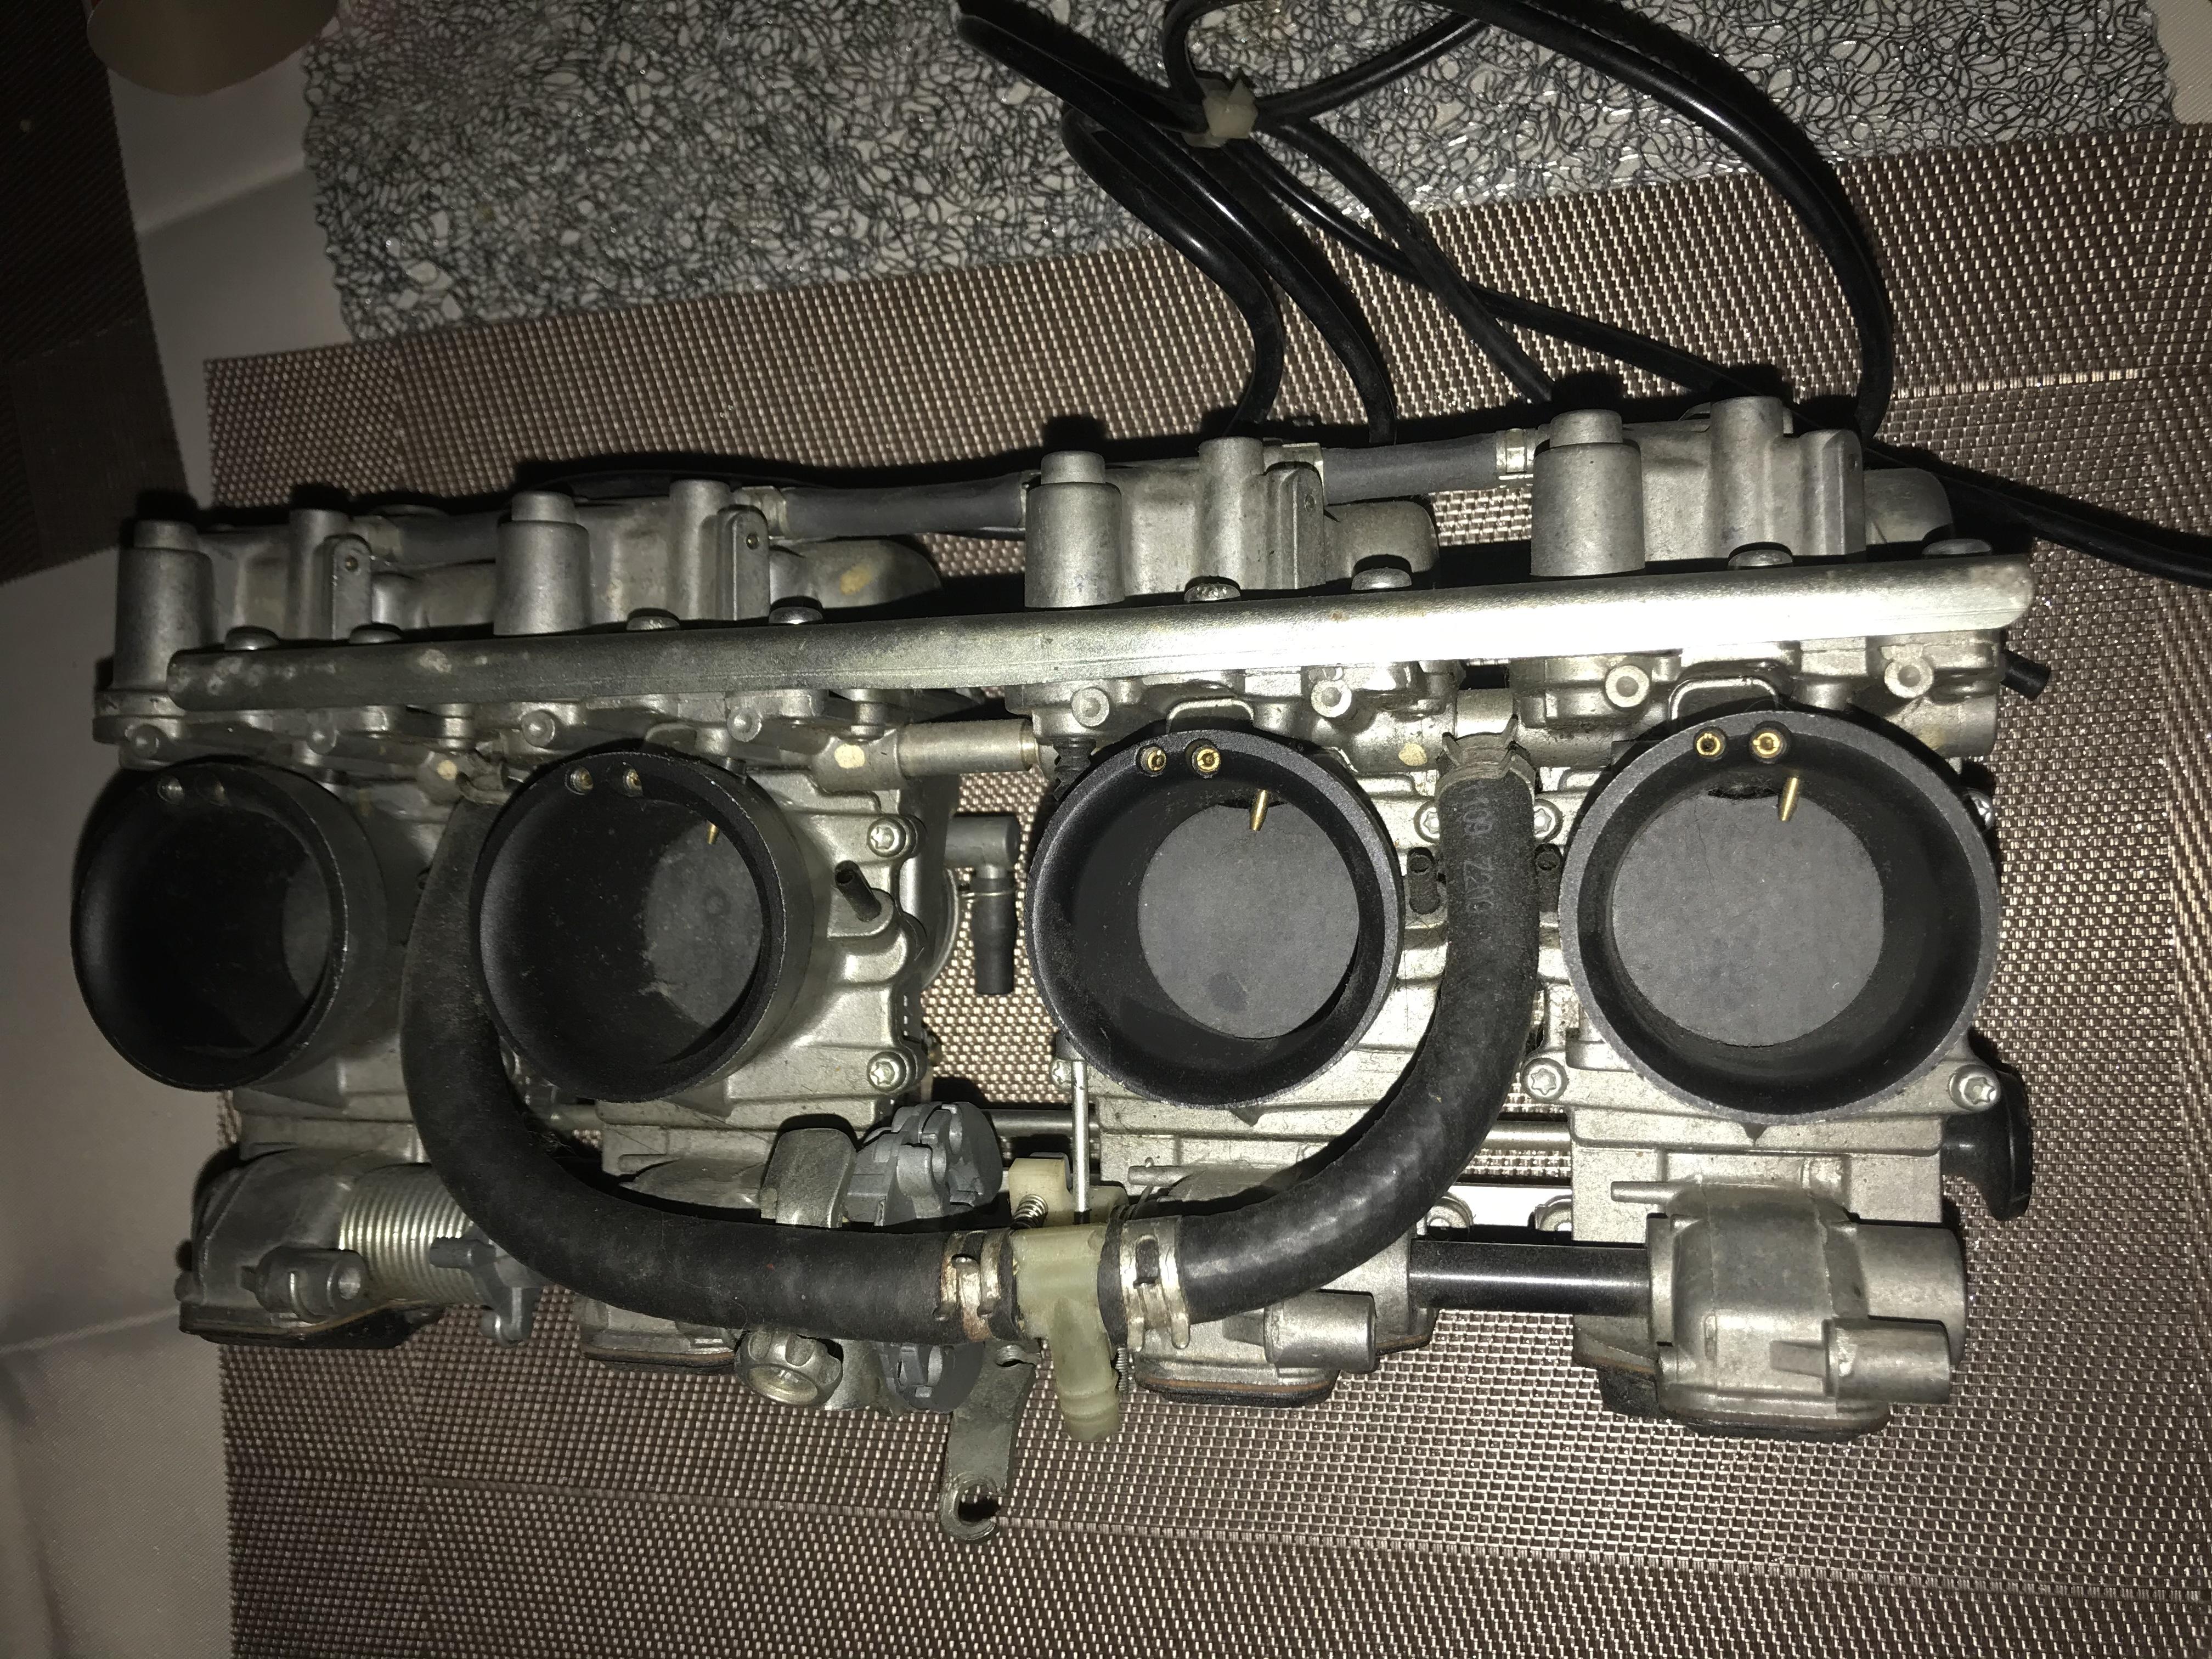 DEE3F9C2-140E-4A7F-A11D-8E4919DABDC2